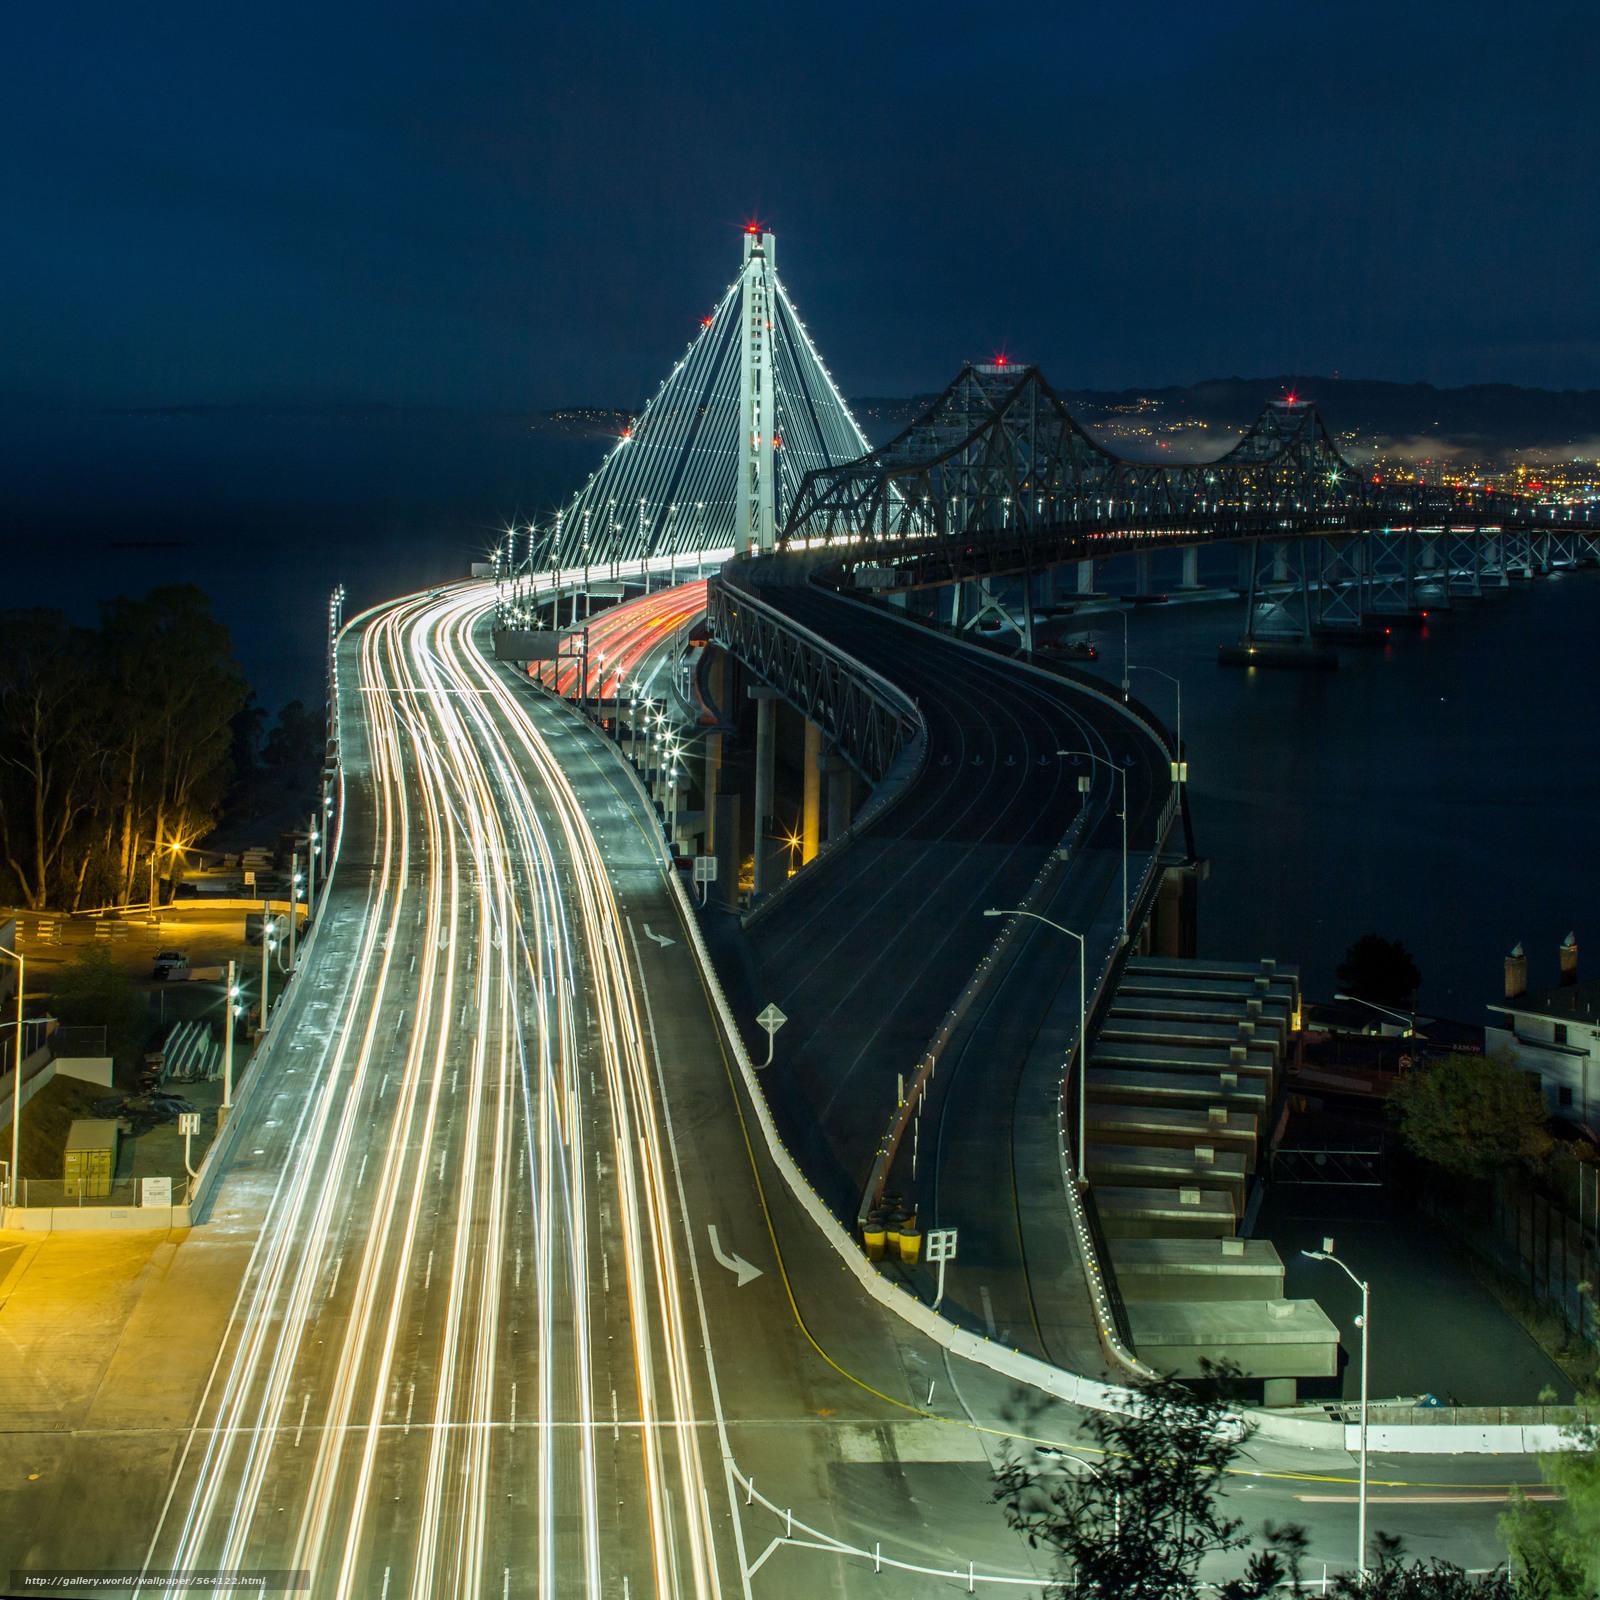 下载壁纸 旧金山,  桥,  城市,  夜 免费为您的桌面分辨率的壁纸 4426x4426 — 图片 №564122